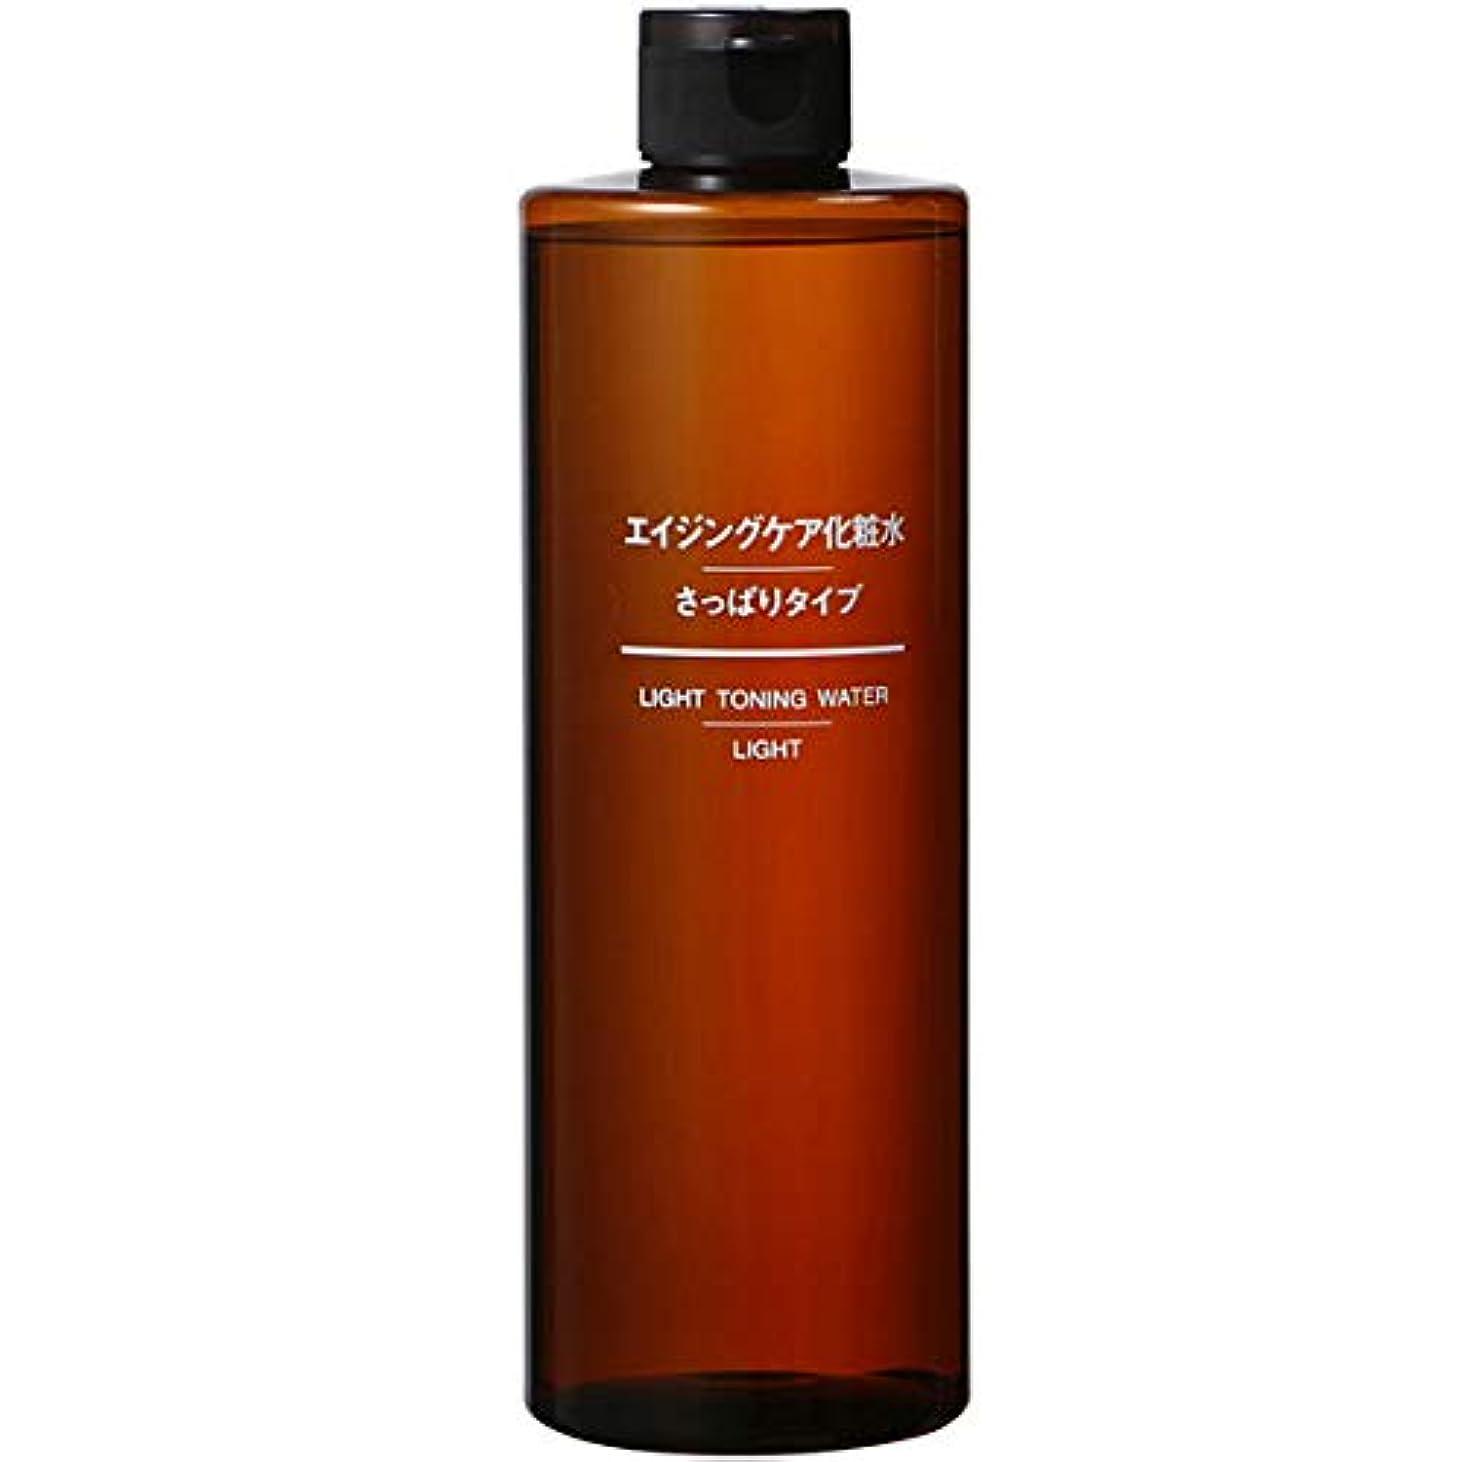 充実キャンバス貴重な無印良品 エイジングケア化粧水?さっぱりタイプ(大容量) 400ml (400mlX2本)